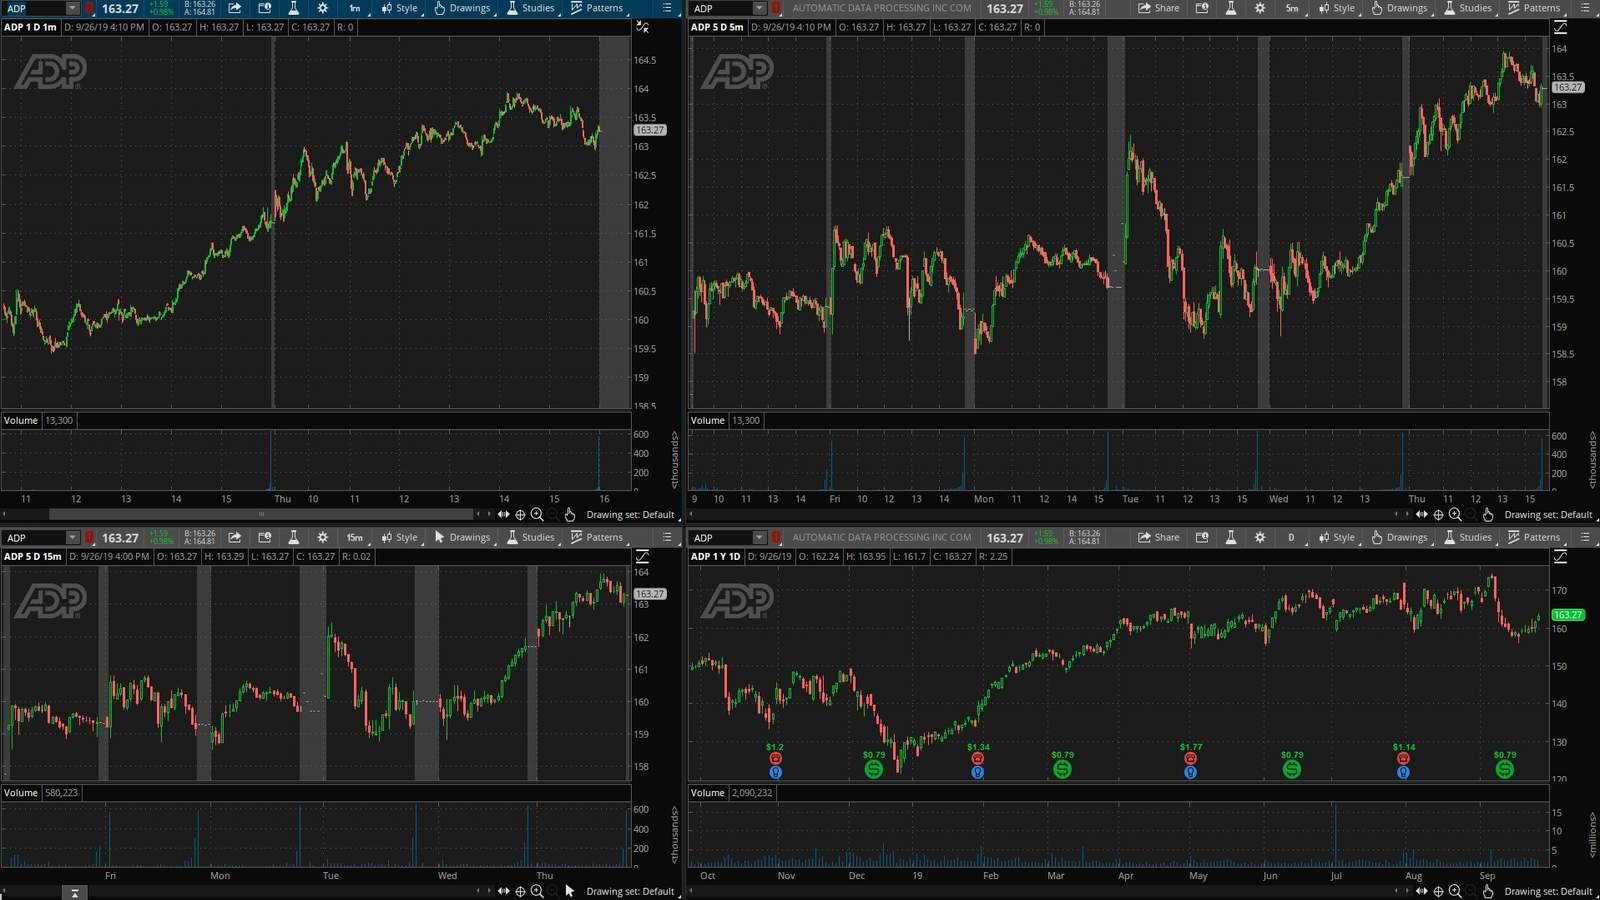 ADP акция на фондовой бирже